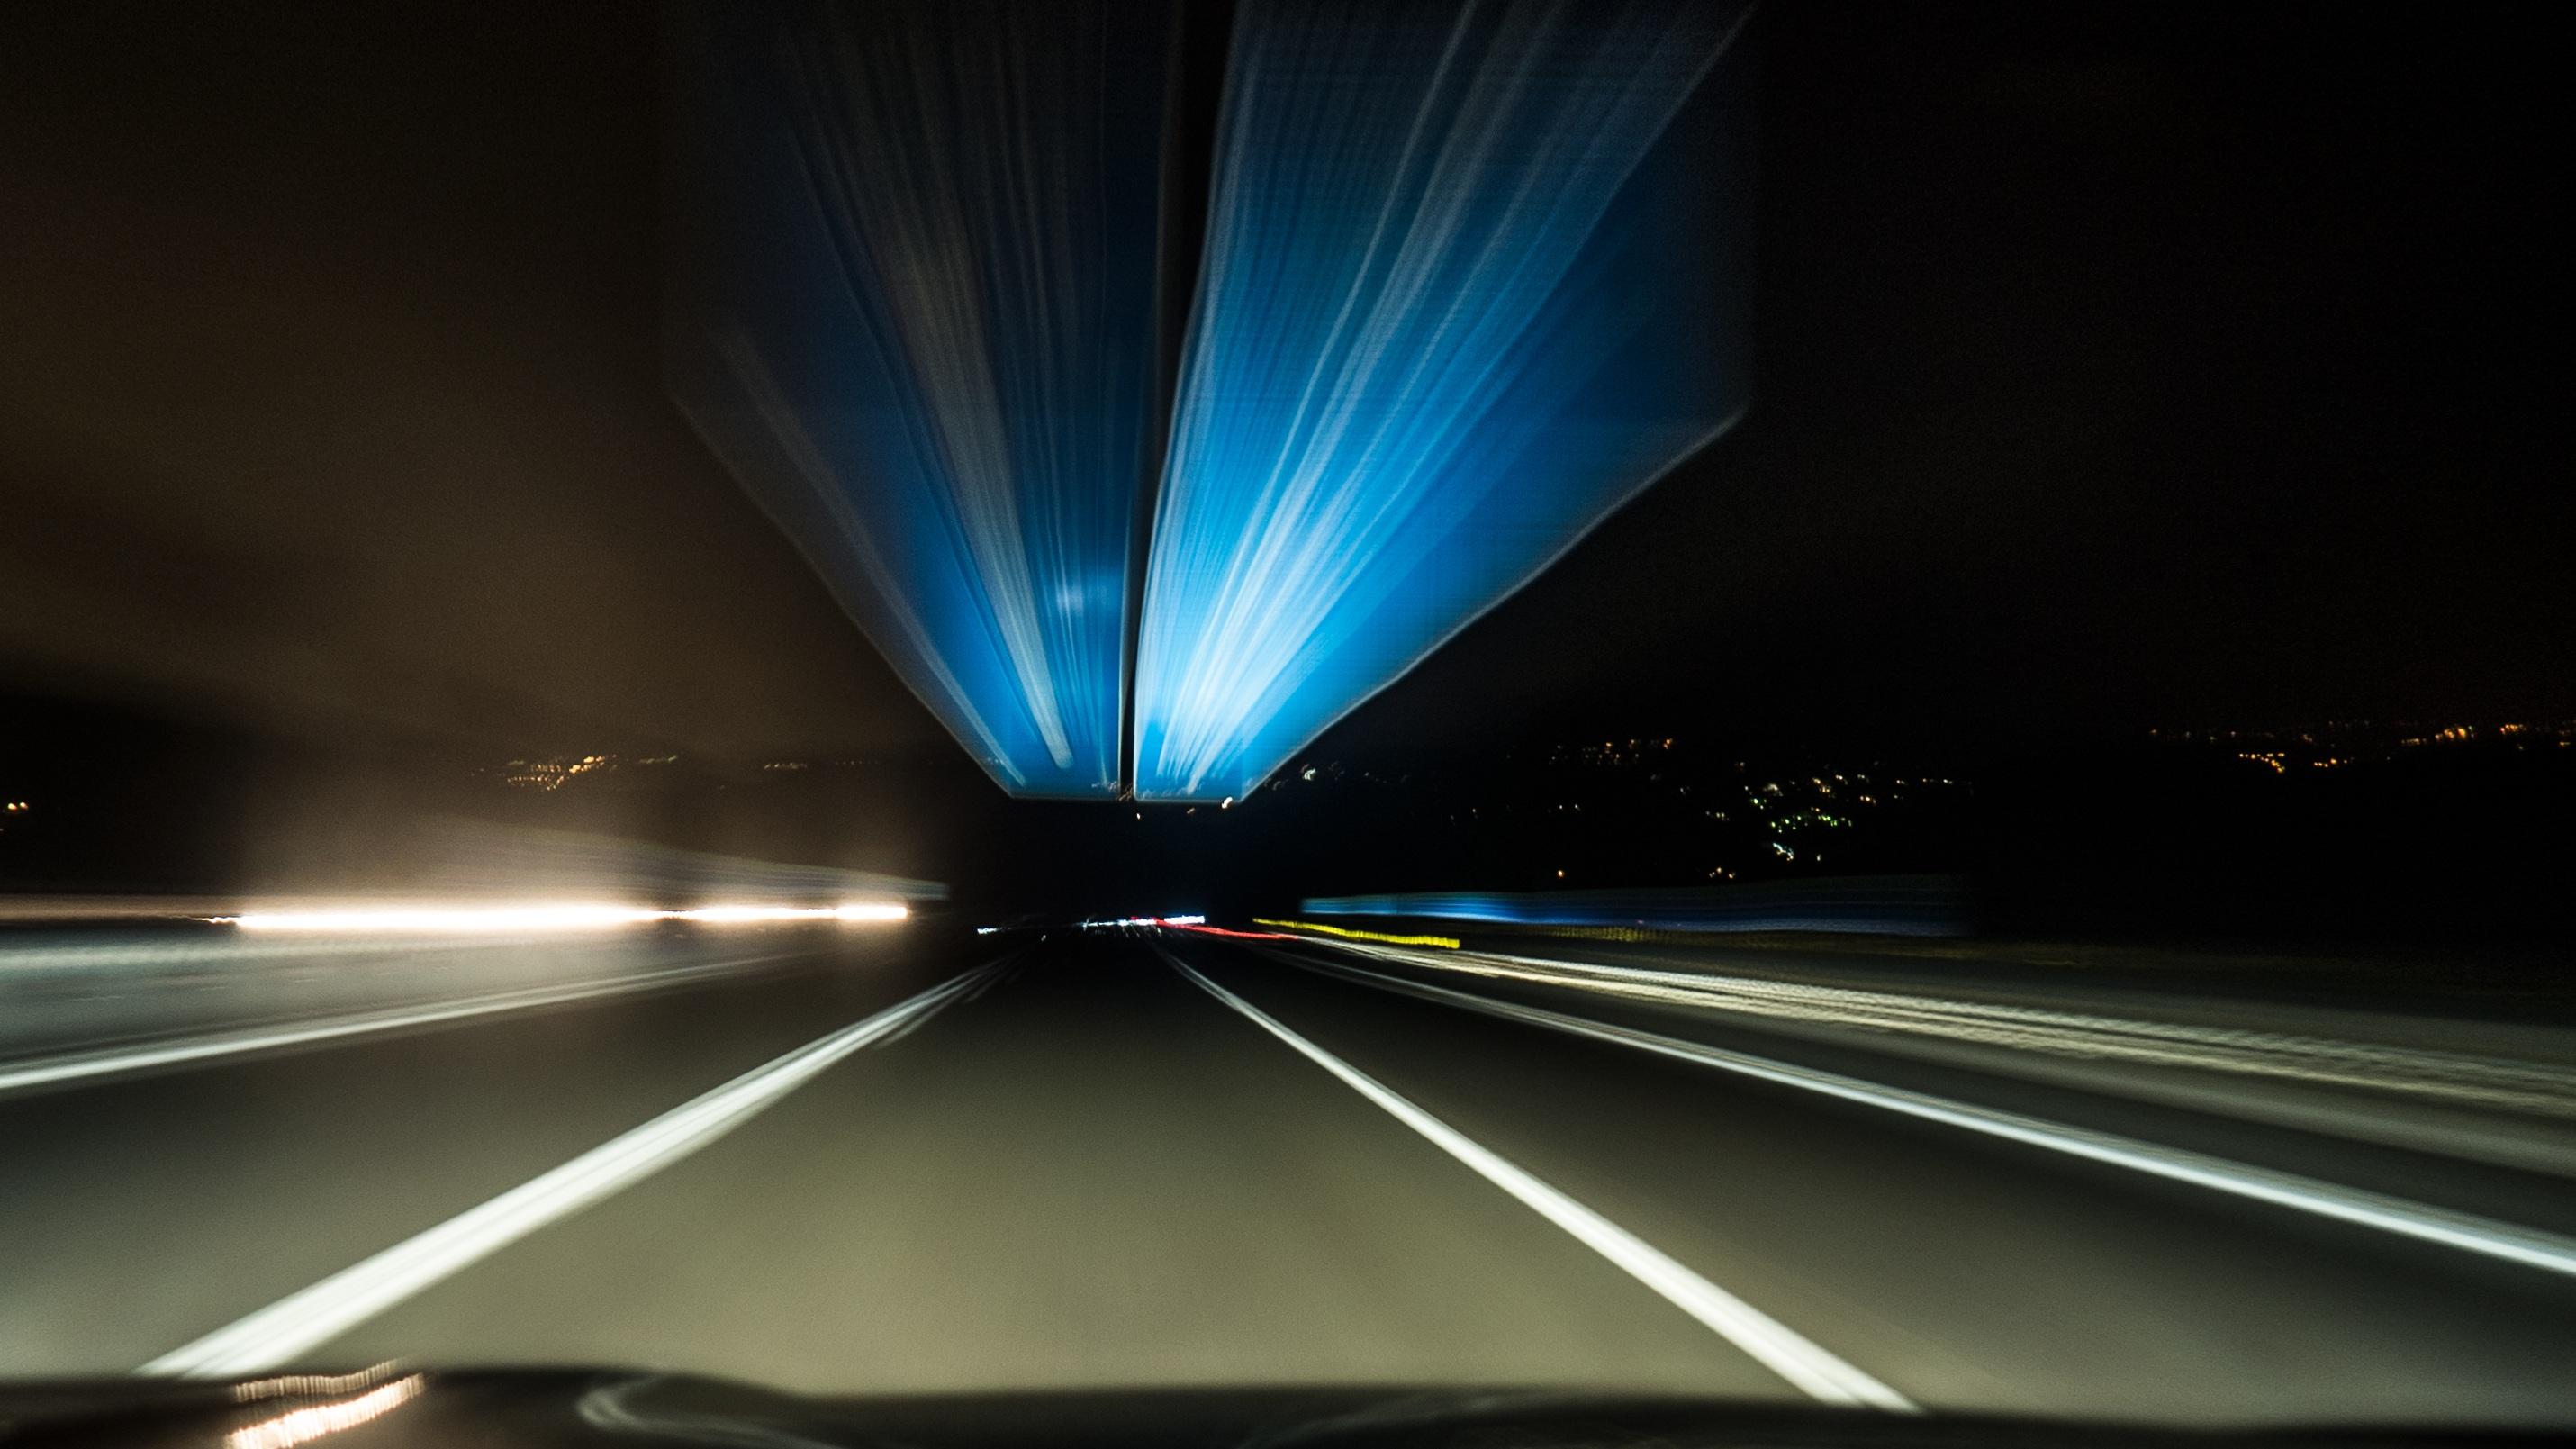 Движение машин ночью как сфотографировать